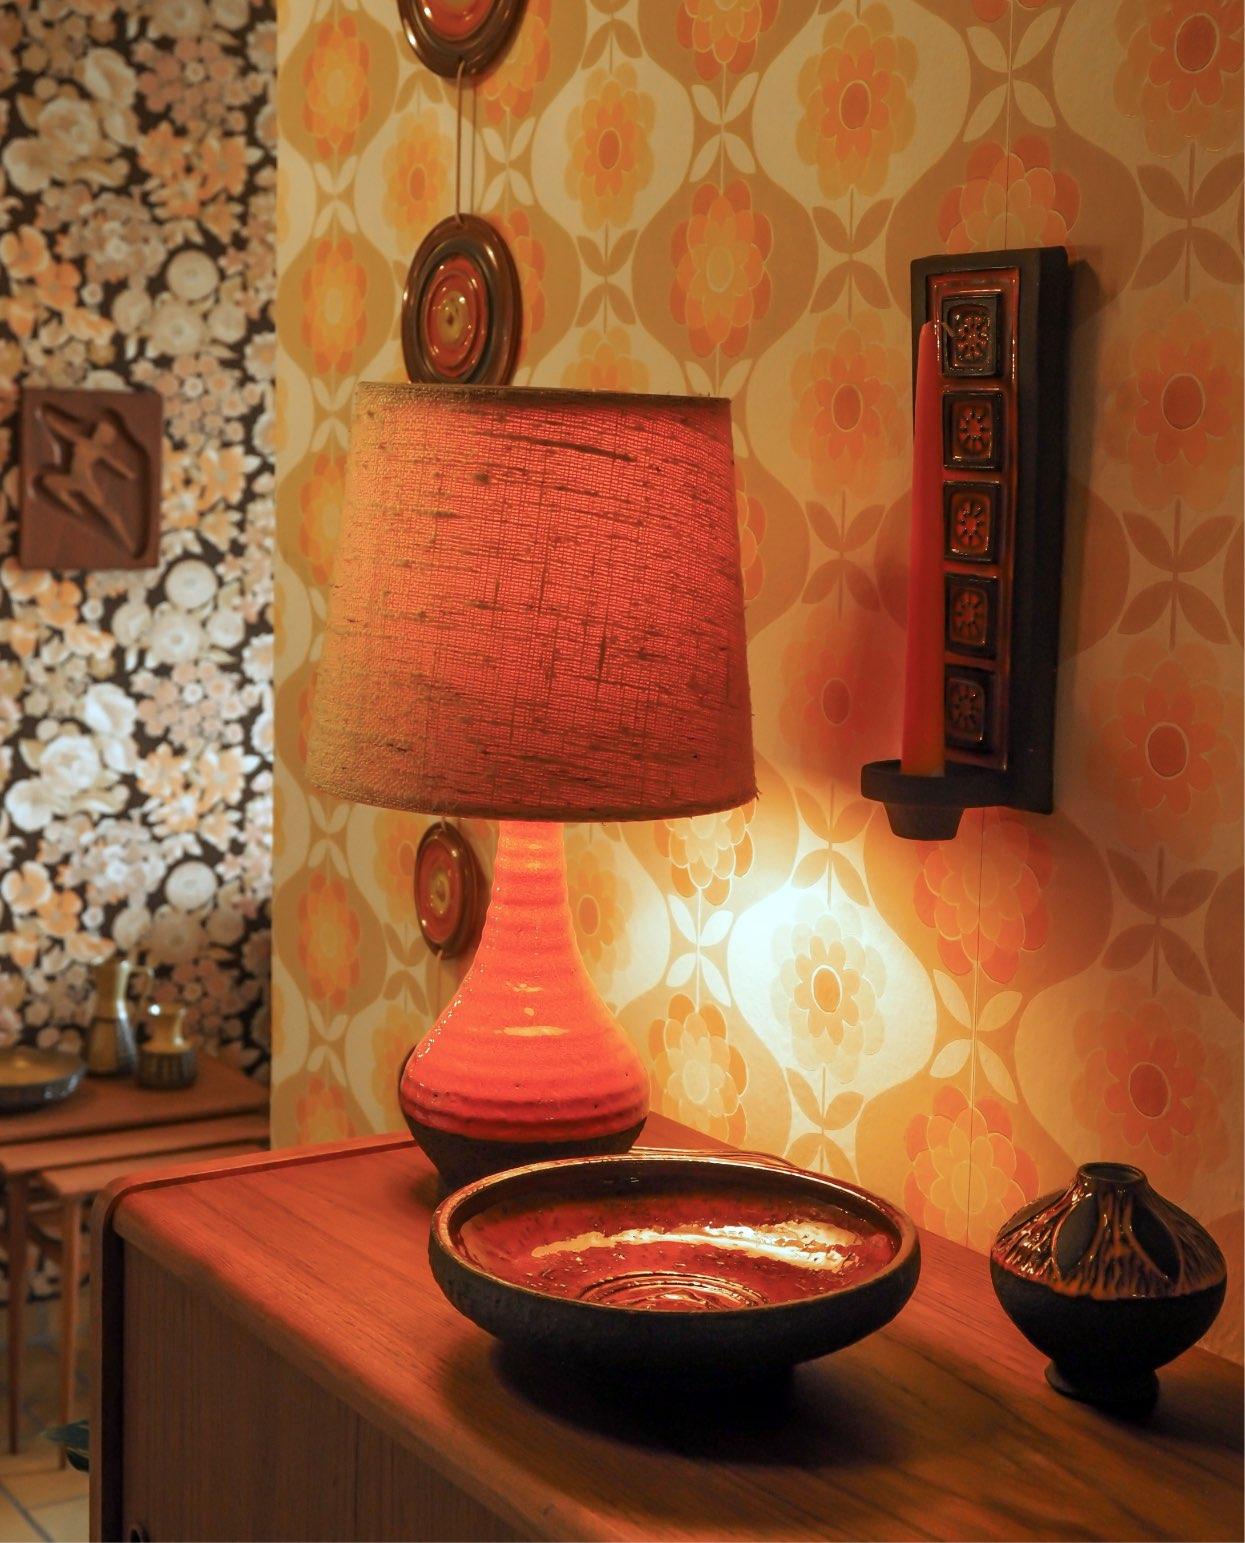 Lampe i gangen